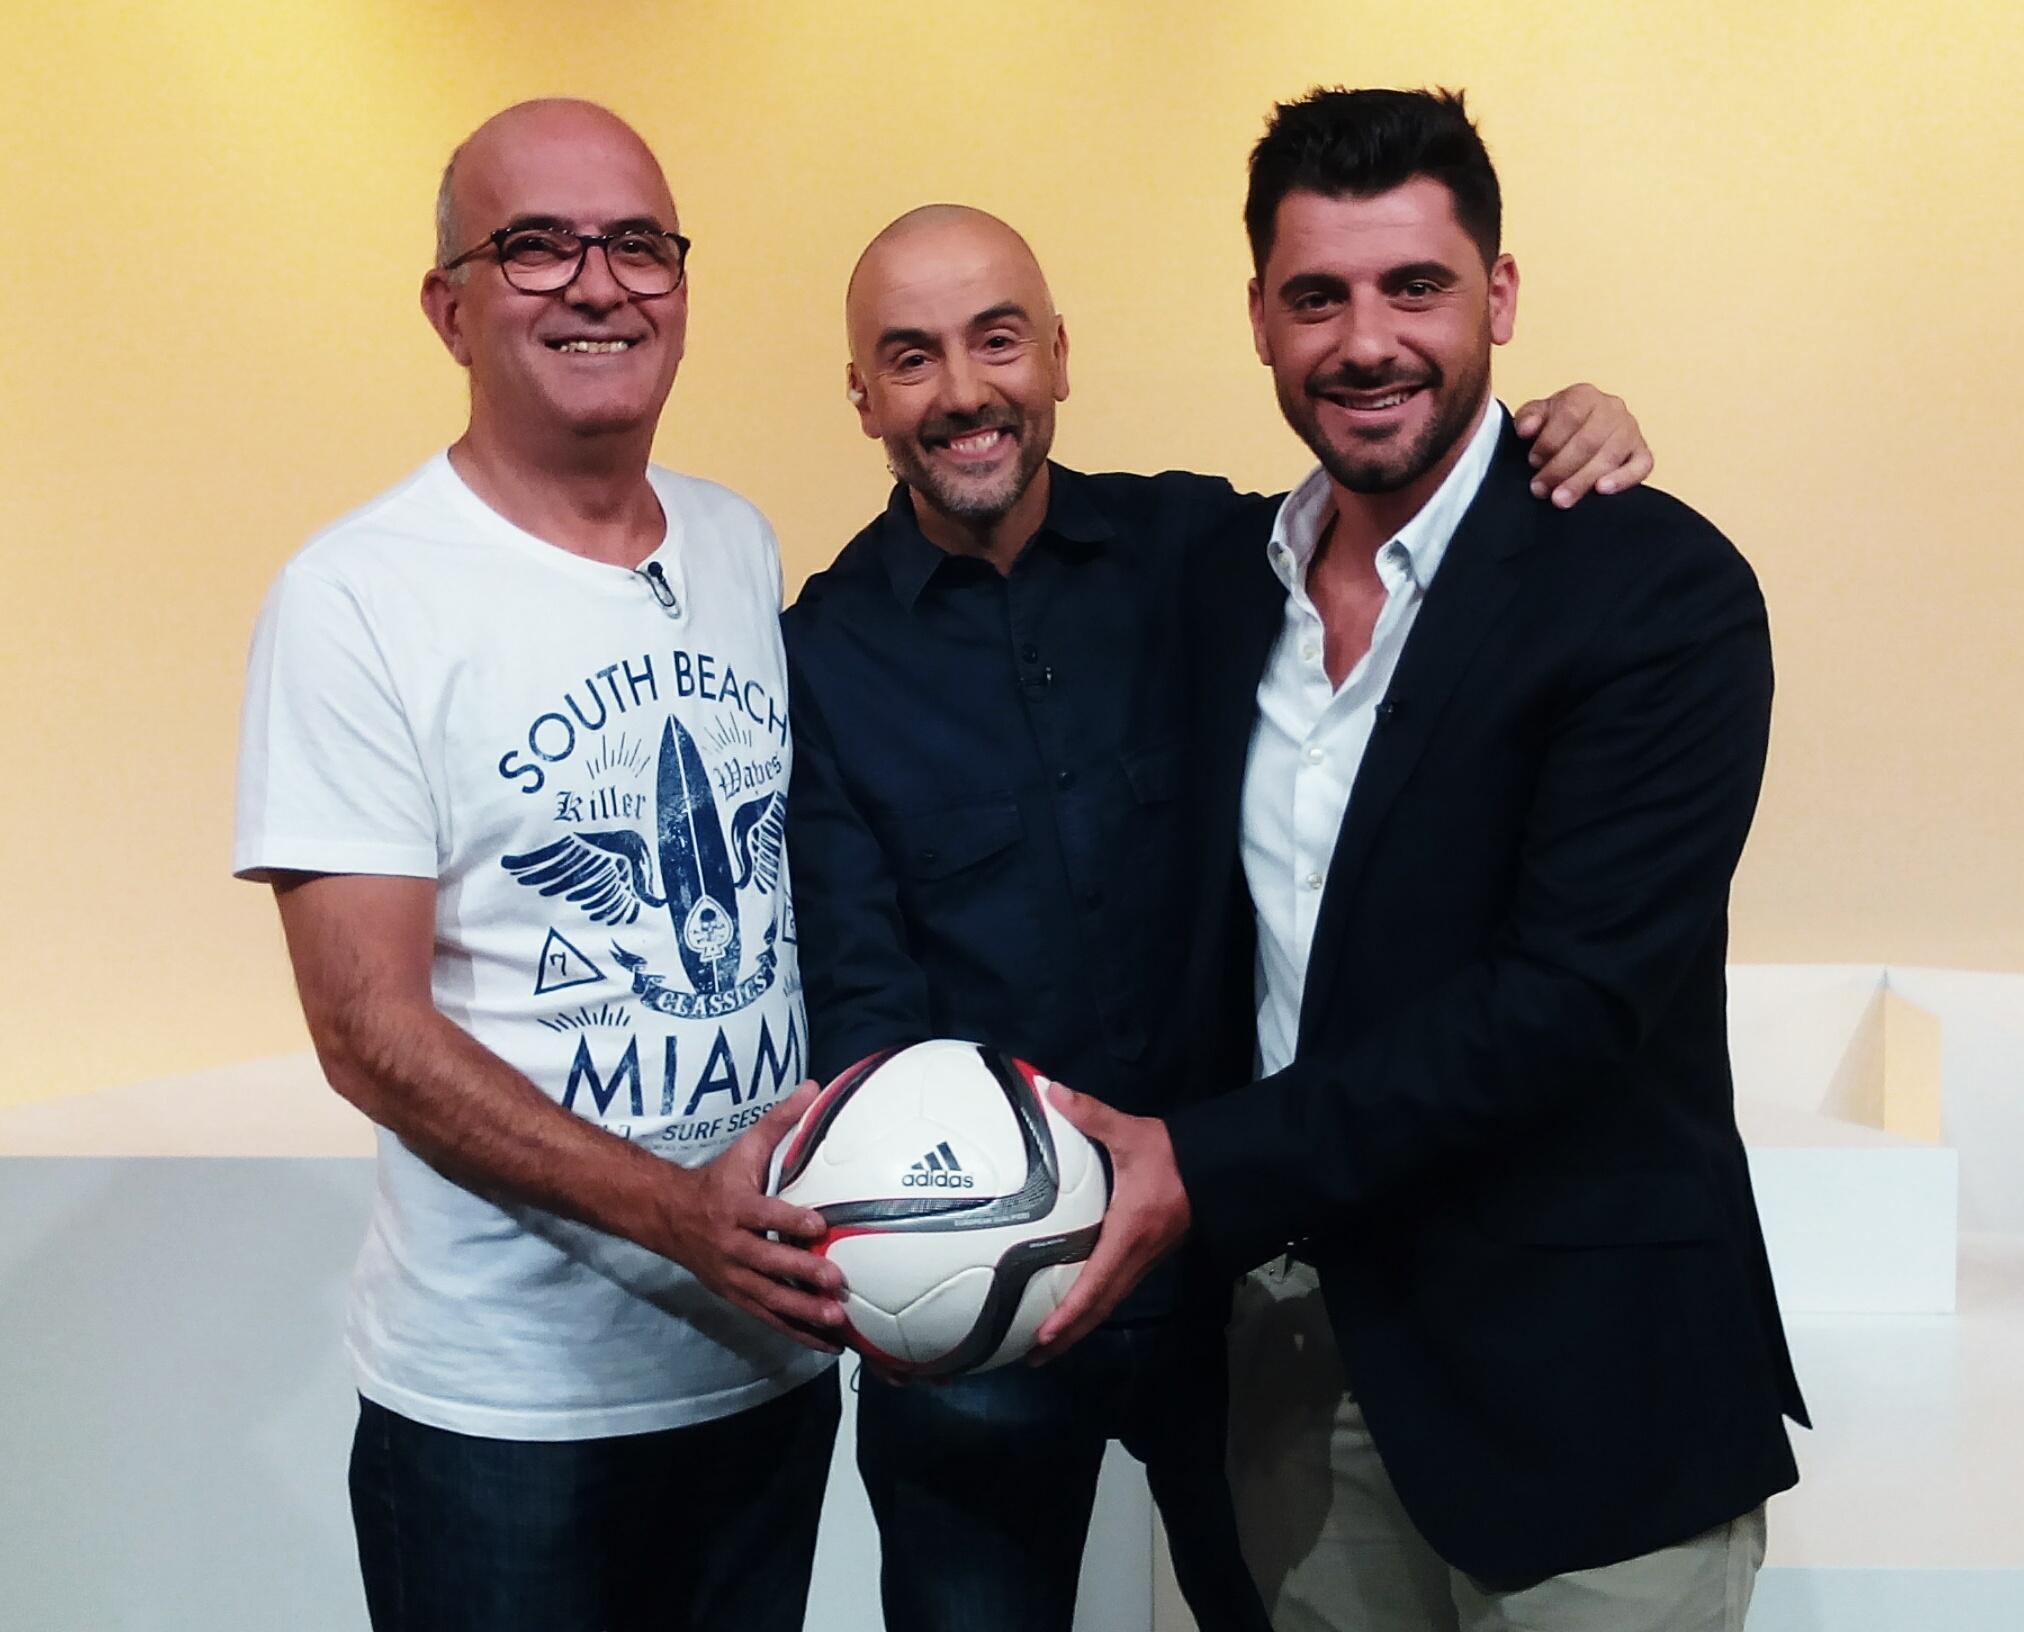 Dia E 2a Part - L'FC Andorra davant el repte de mantenir la categoria